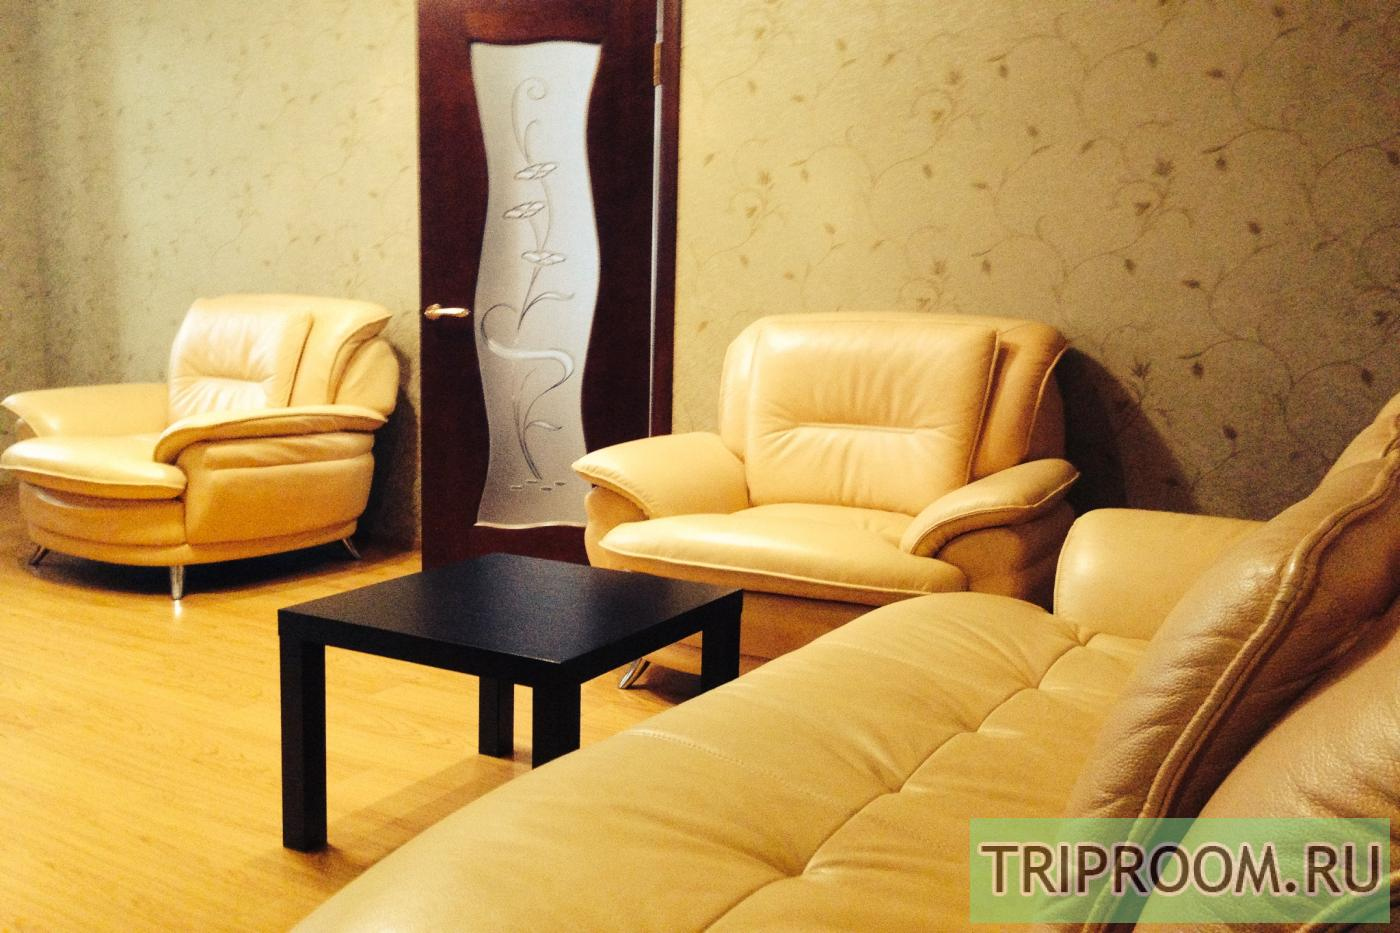 3-комнатная квартира посуточно (вариант № 14751), ул. Ленина улица, фото № 3